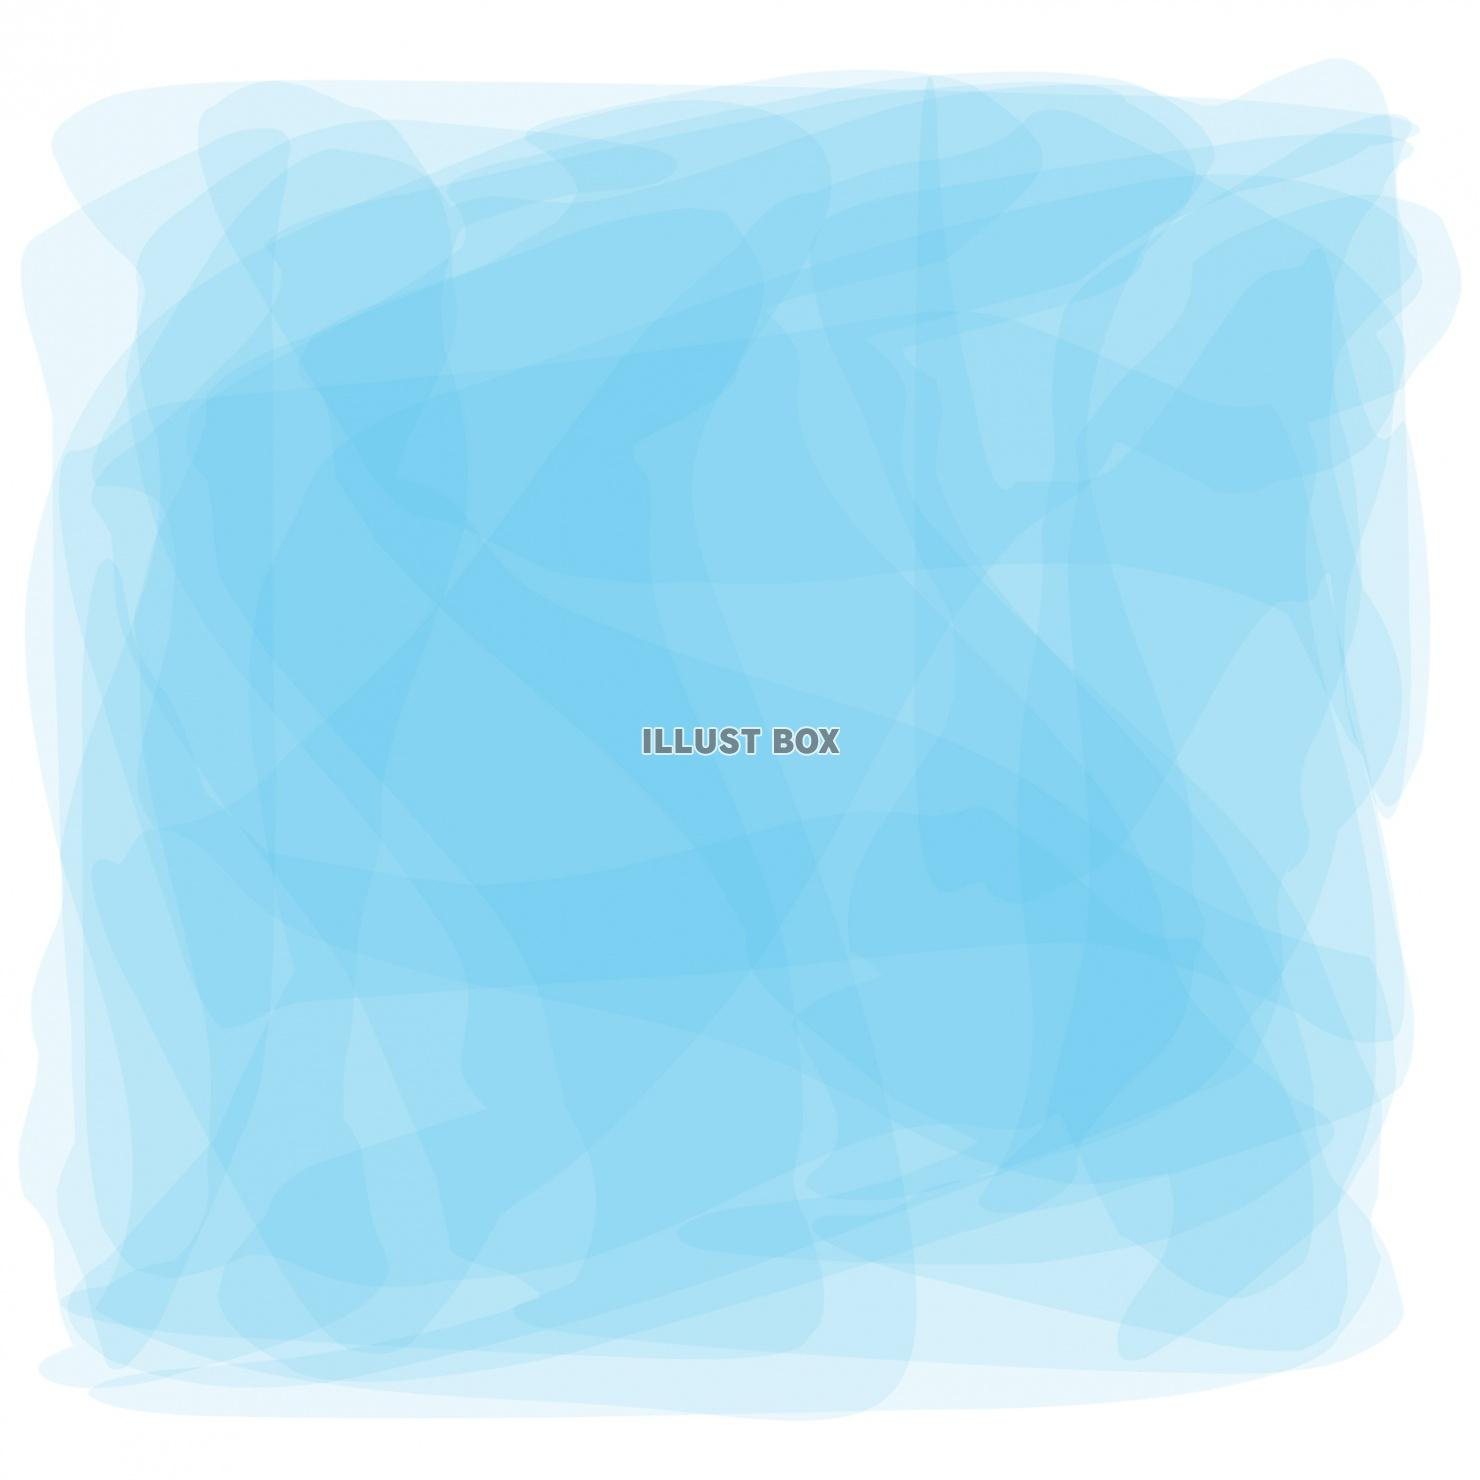 無料イラスト 水色水彩おしゃれフレーム枠シンプル手描き枠飾り壁紙